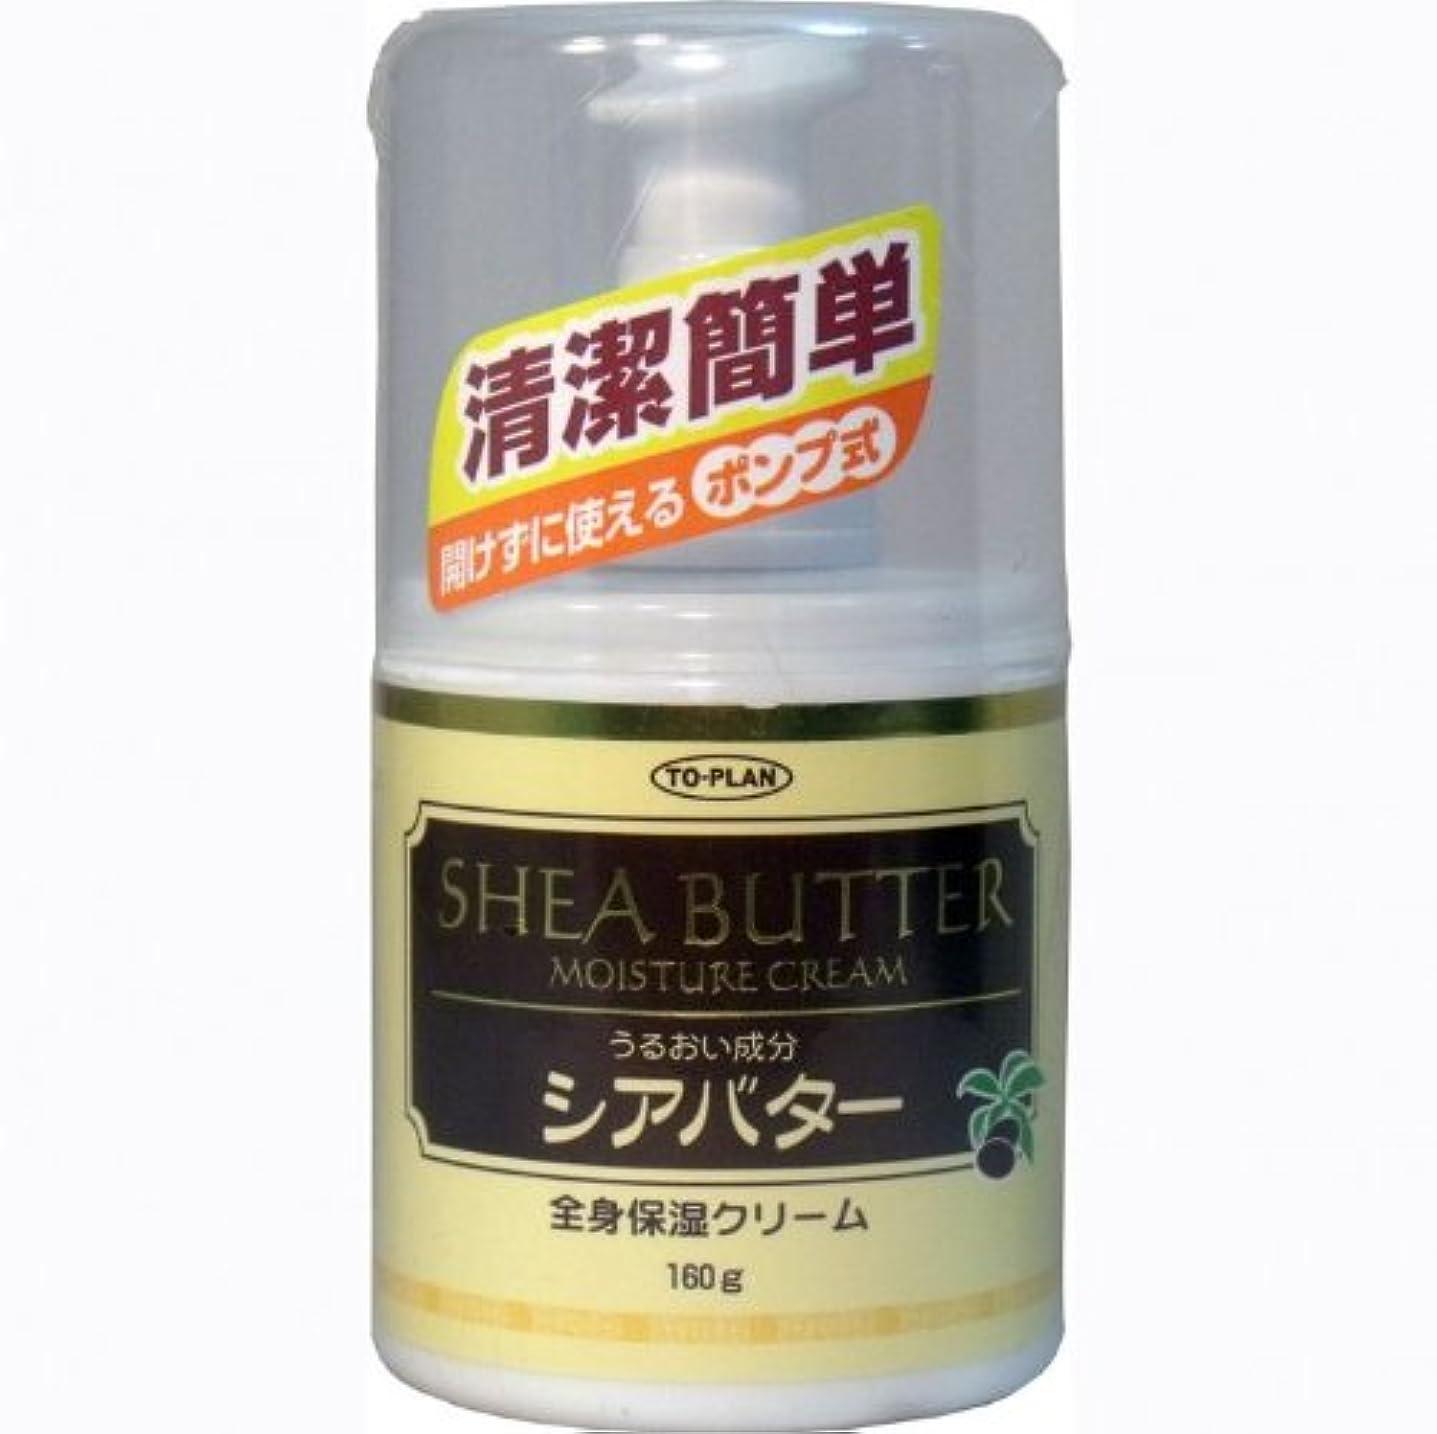 毎年コーヒー環境トプラン 全身保湿クリーム シアバター ポンプ式 160g【3個セット】